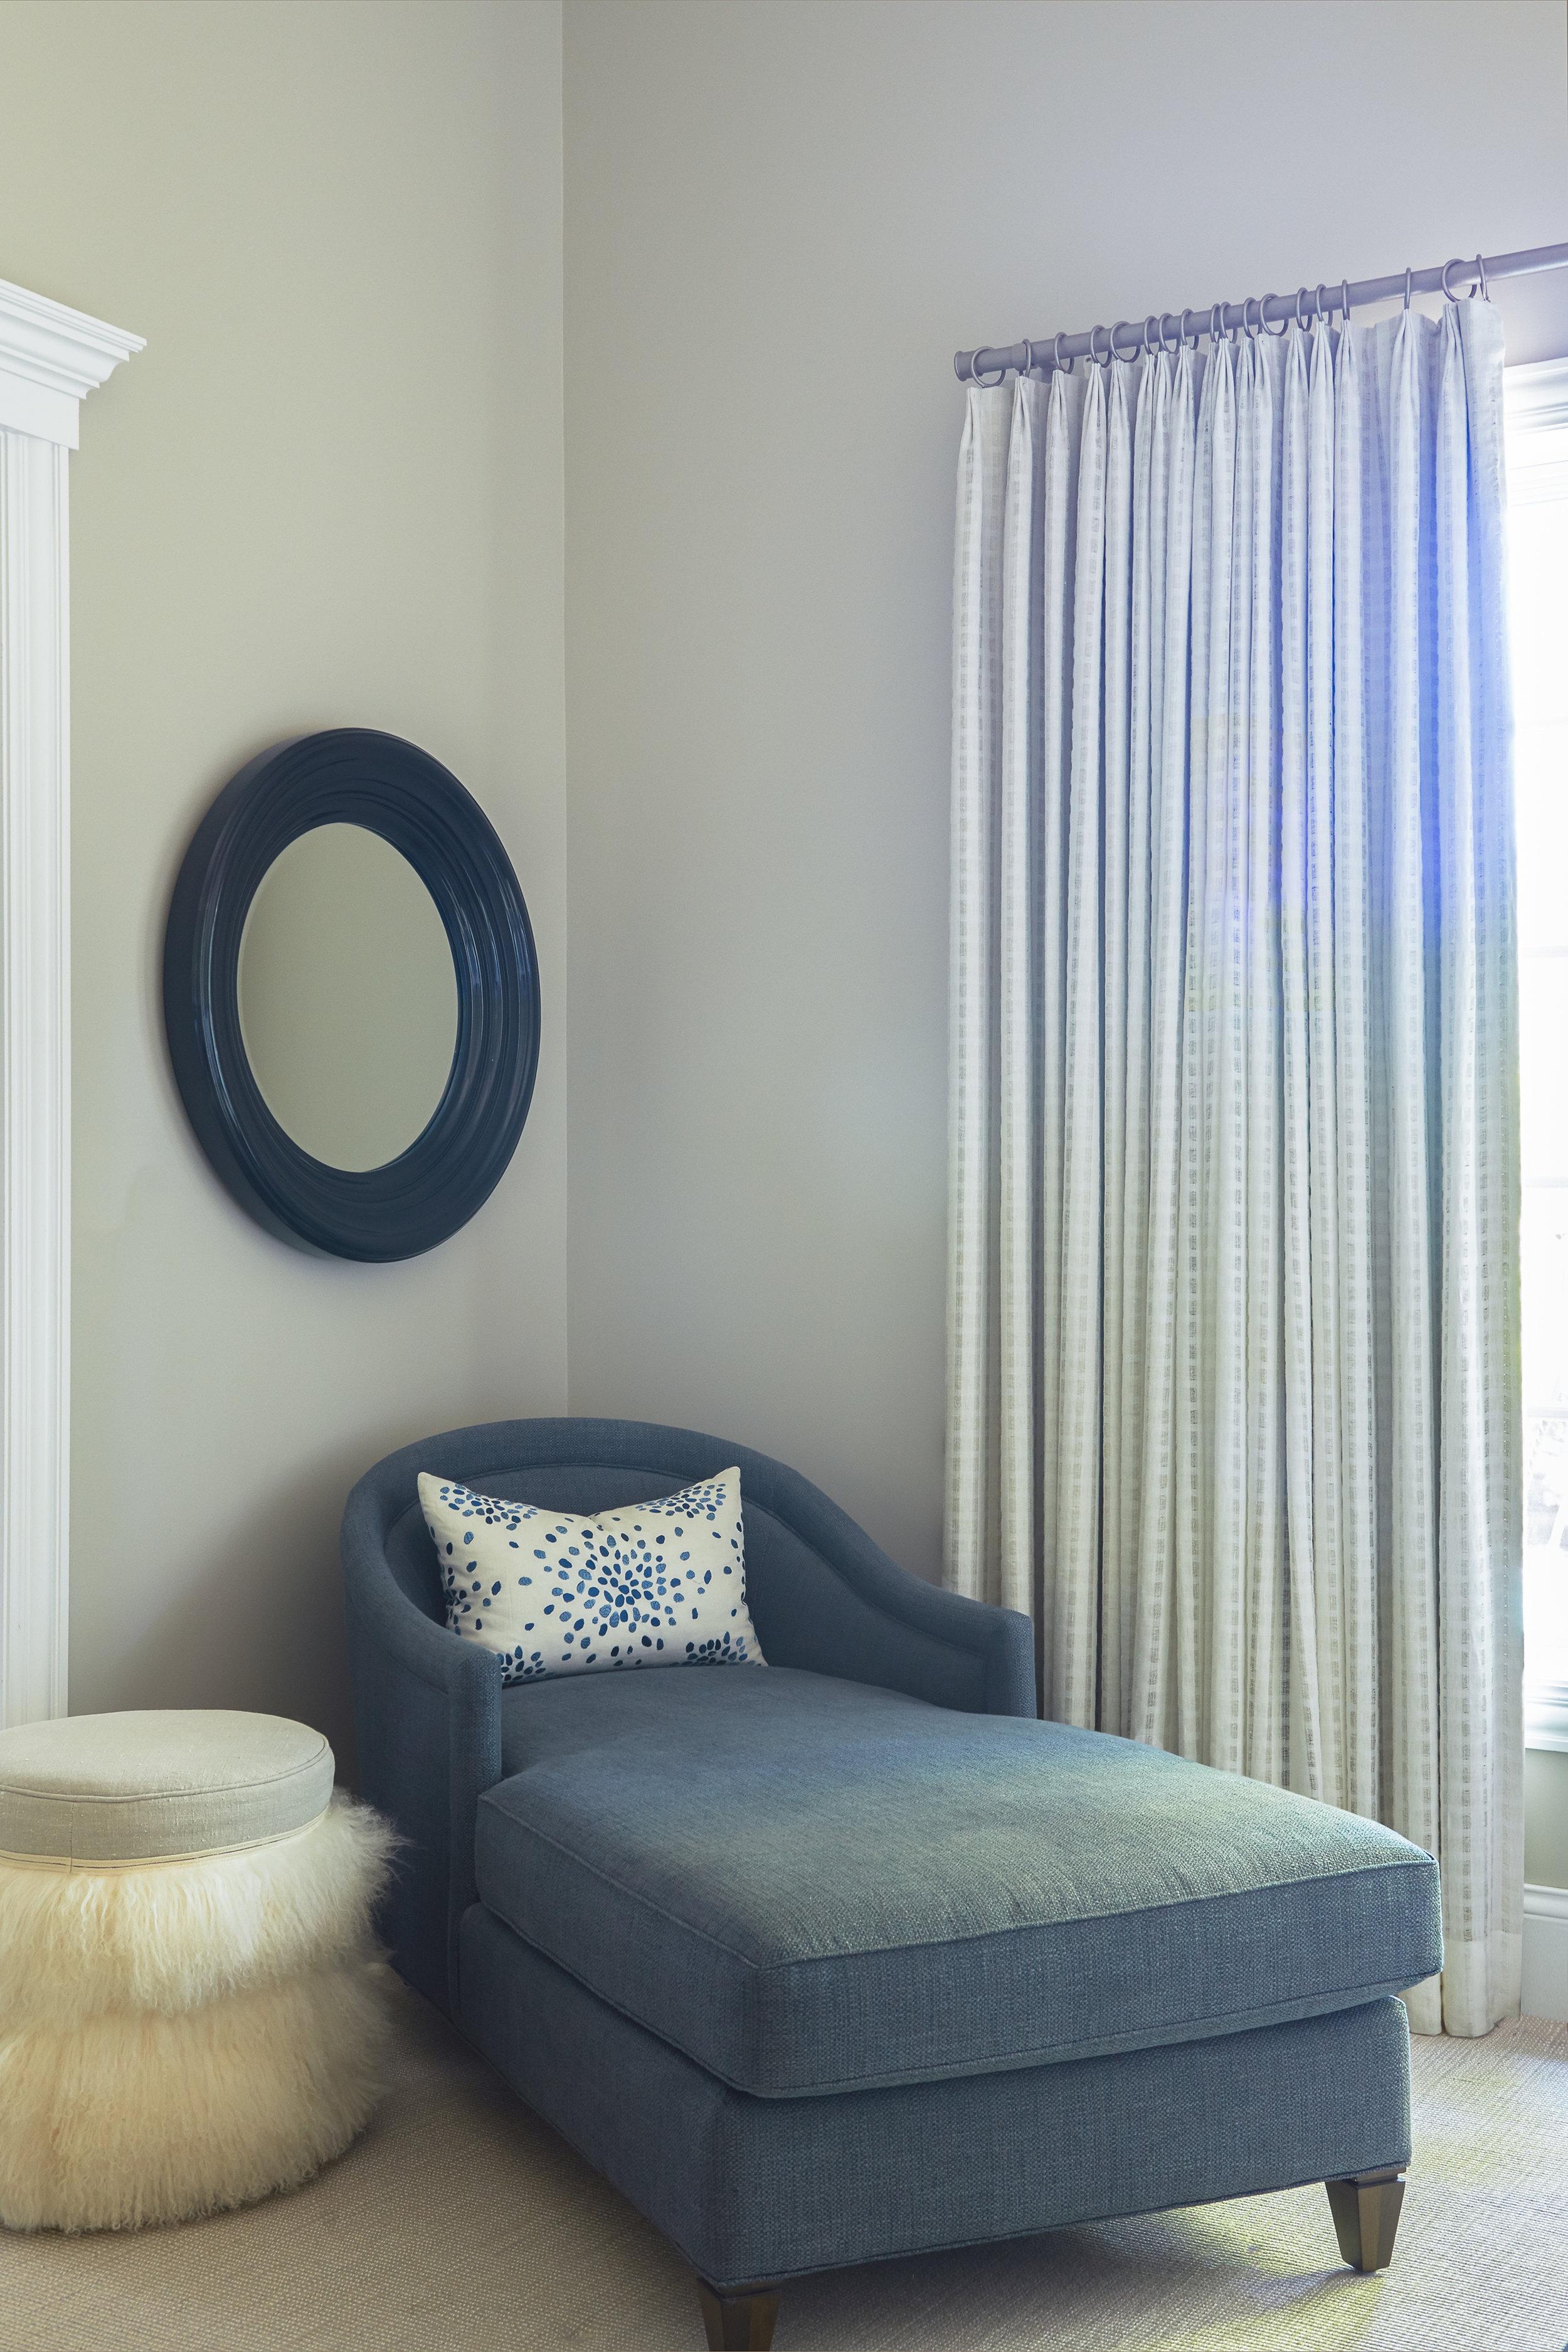 Glencoe Mediterranean Master Bedroom Chaise.jpg